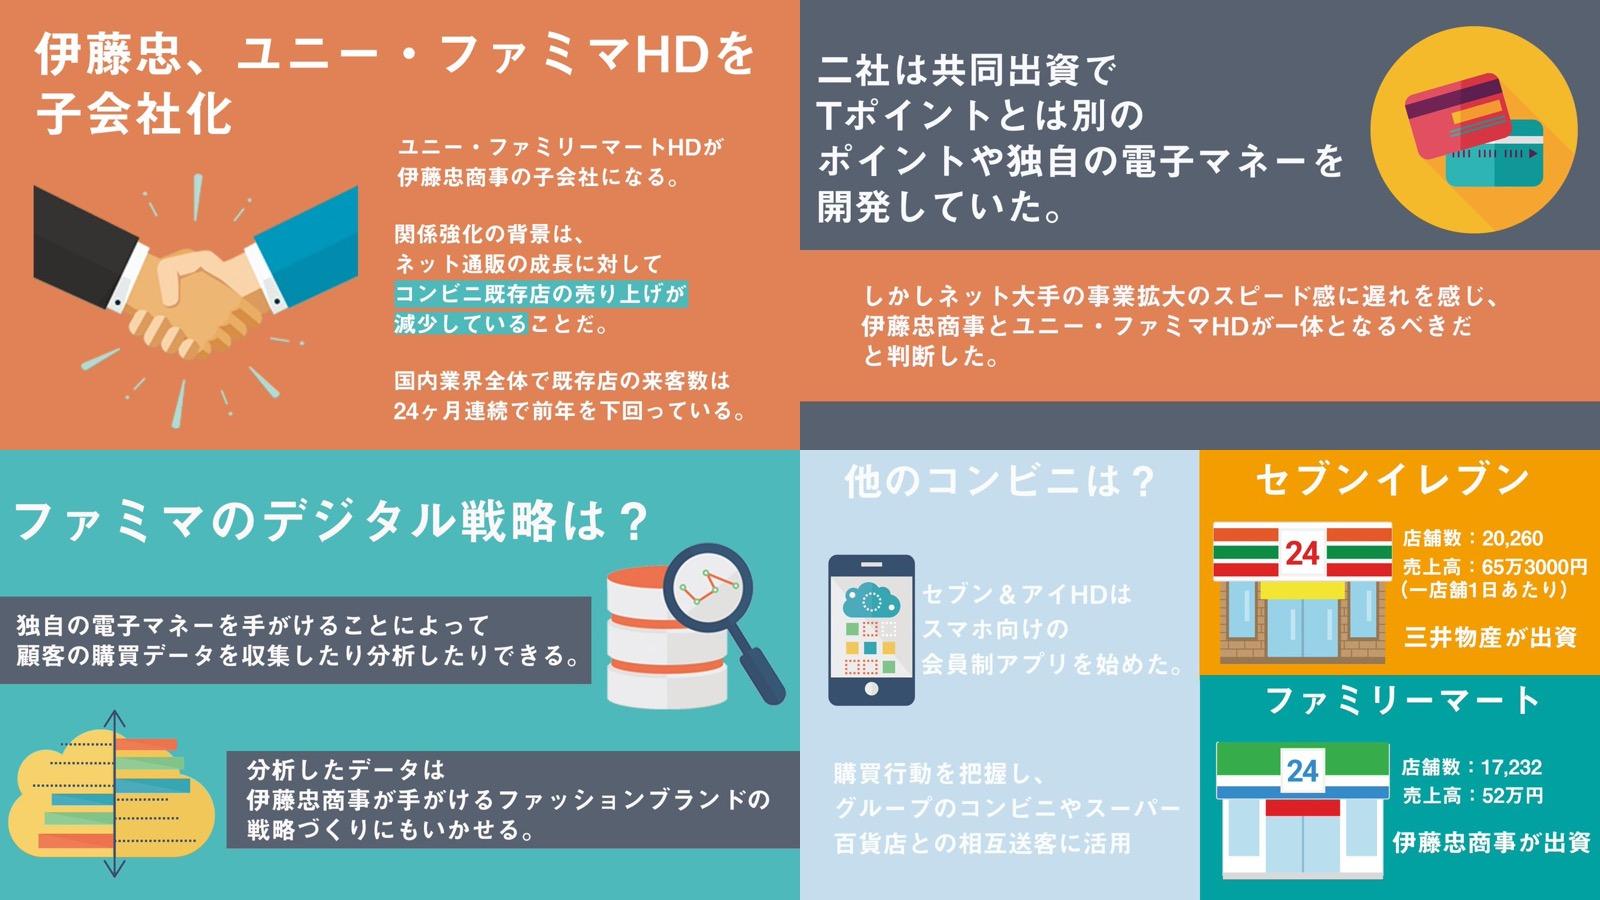 3 - 伊藤忠、ファミマを完全子会社化